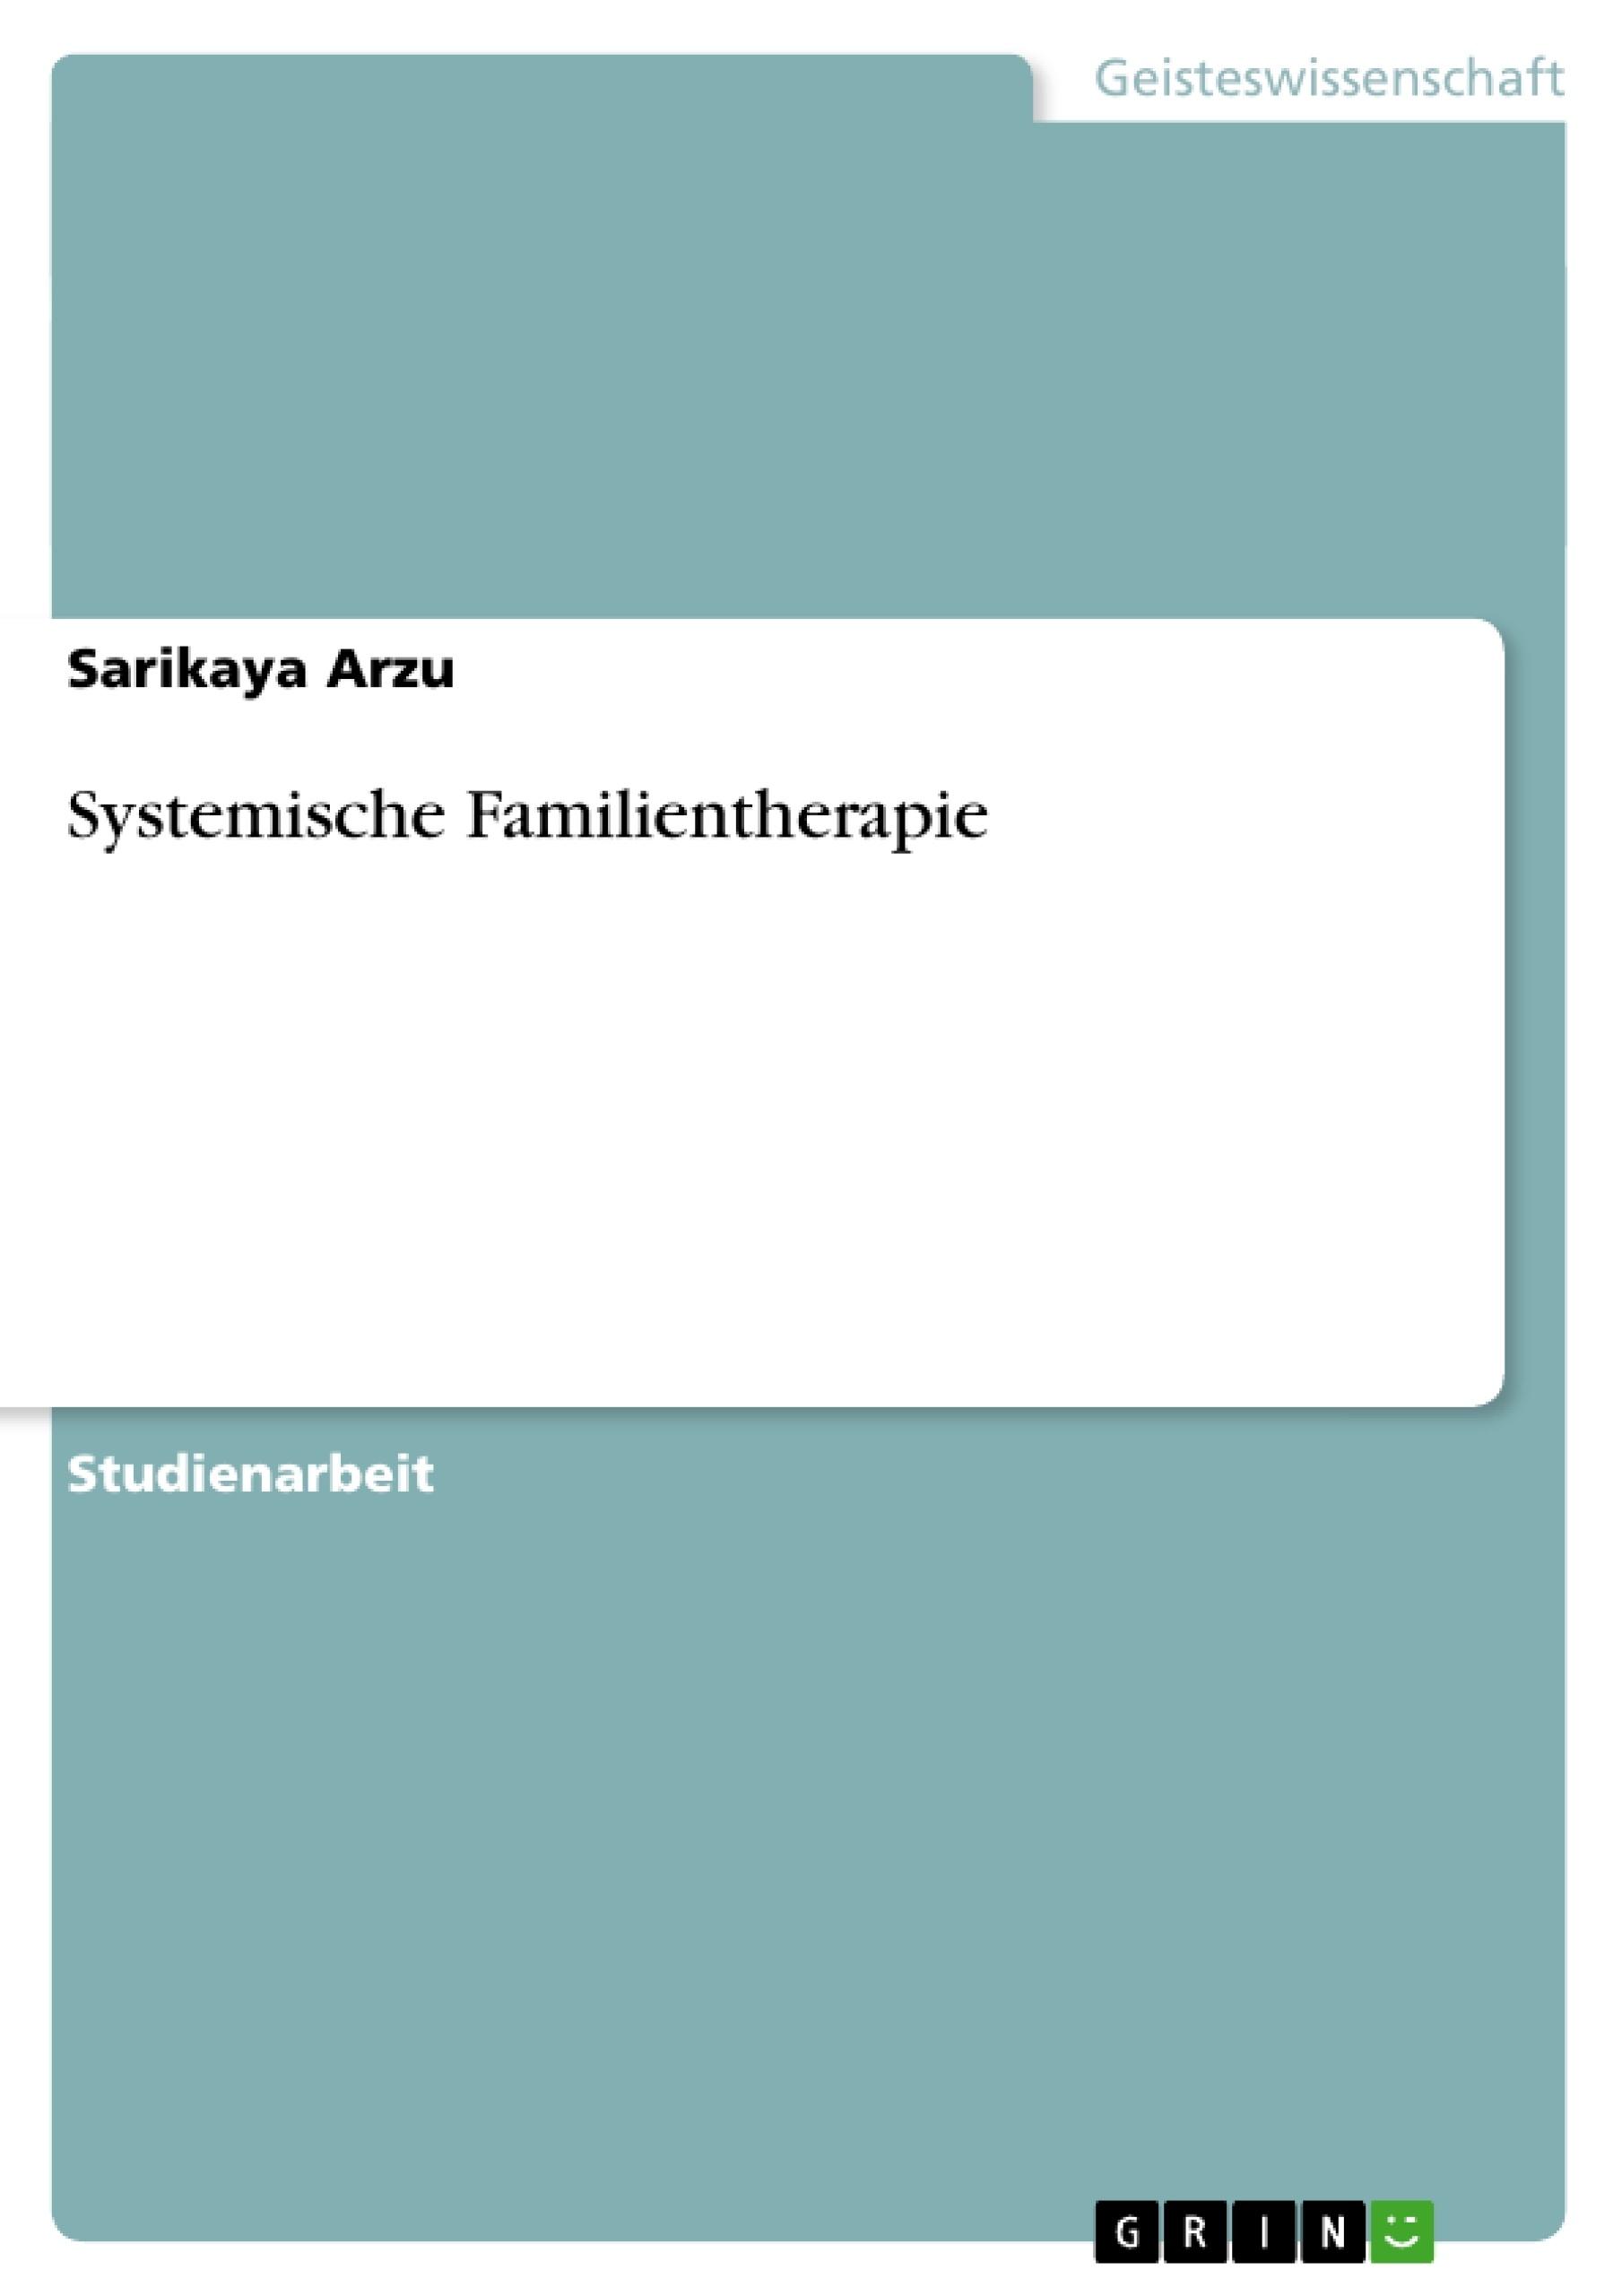 Titel: Systemische Familientherapie